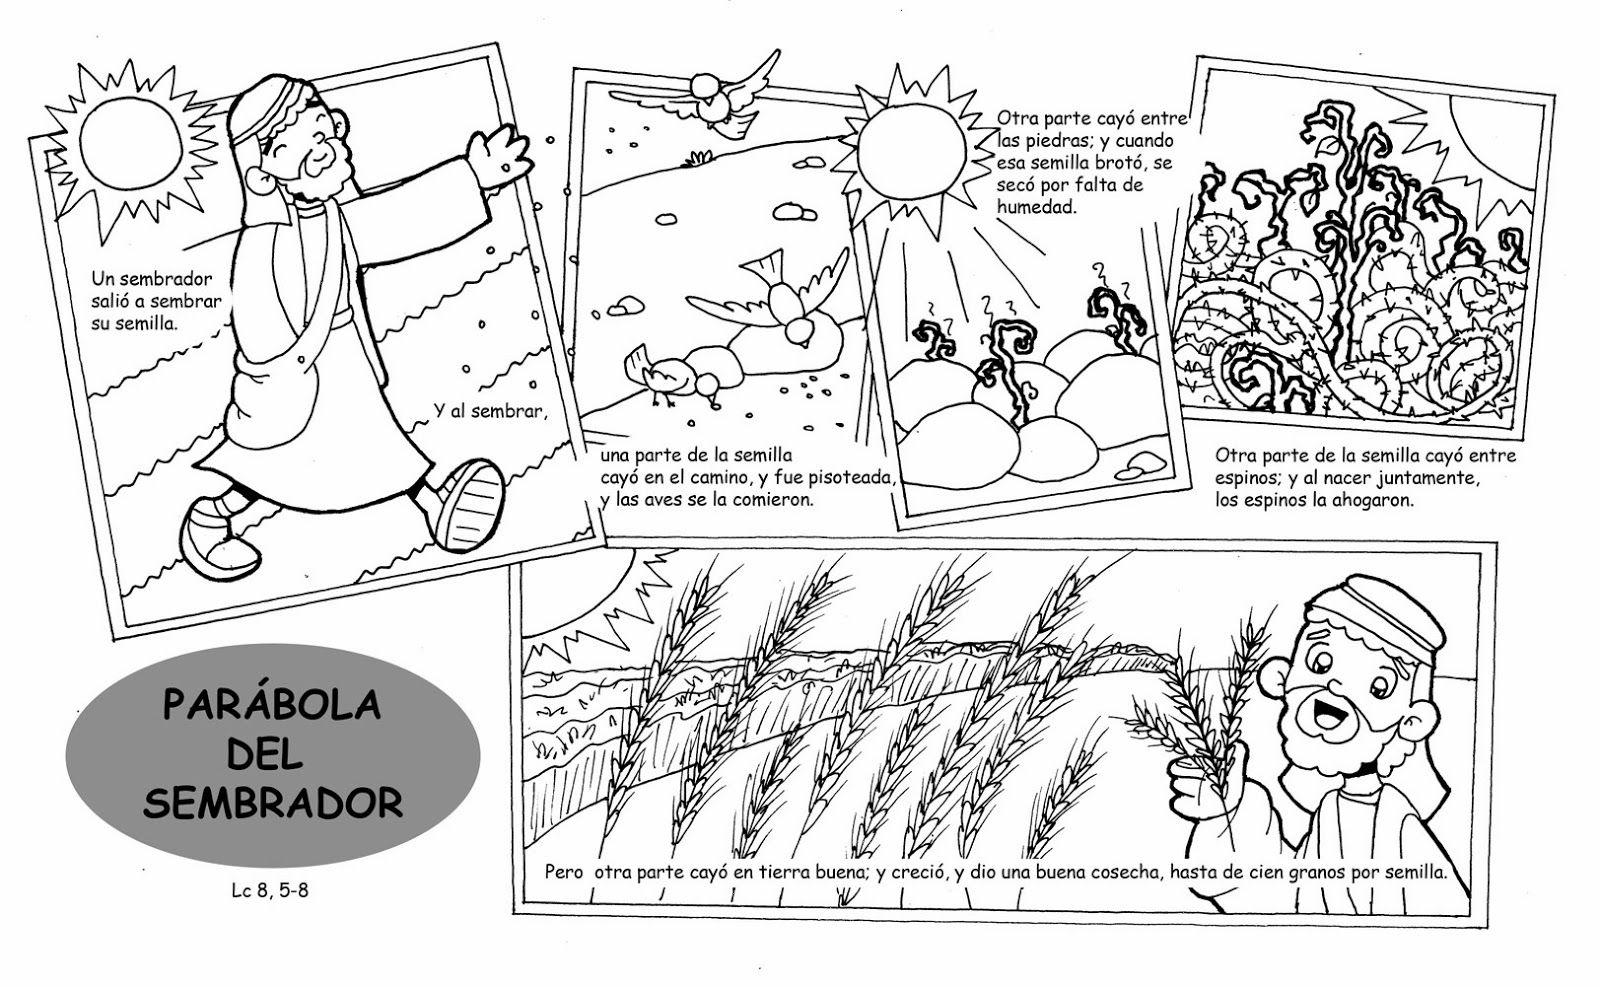 Dibujos Para Catequesis Febrero 2014 Parabola Del Sembrador Historias De La Biblia Para Ninos Catequesis